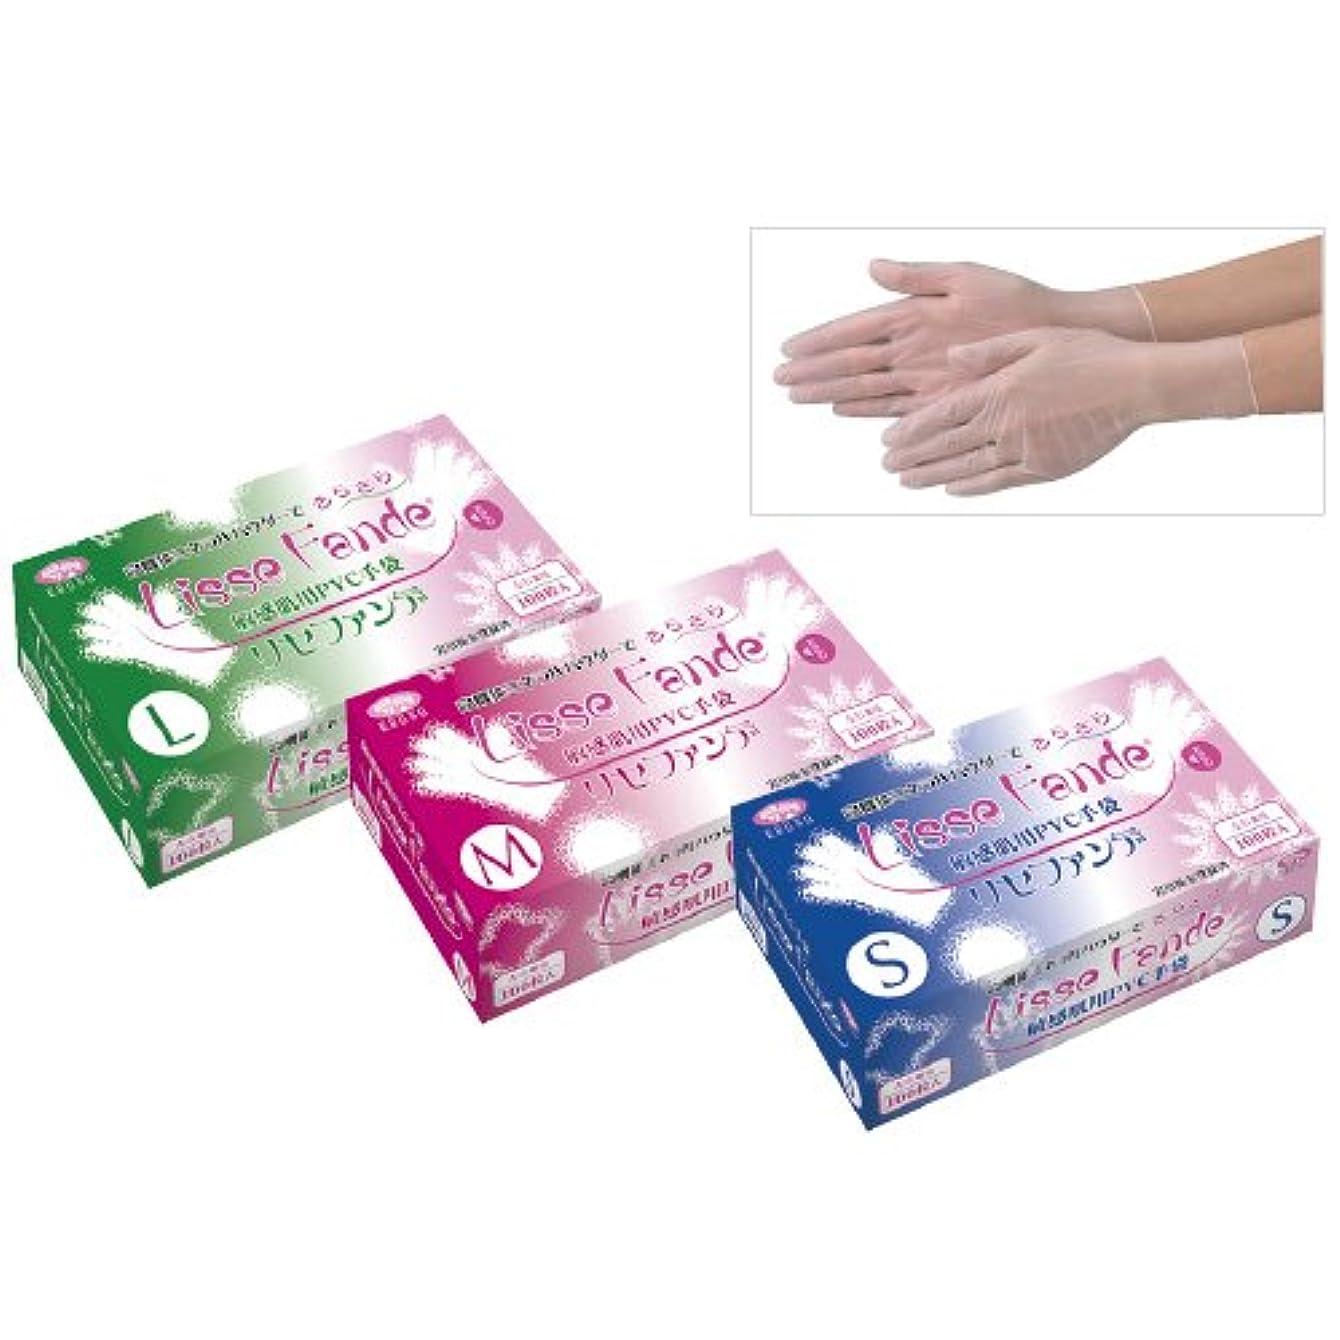 ナチュラルカフェテリア気をつけて敏感肌用PVC手袋リセファンデ 117(L)100???? ??????????PVC??????(24-4373-02)【エブノ】[20箱単位]